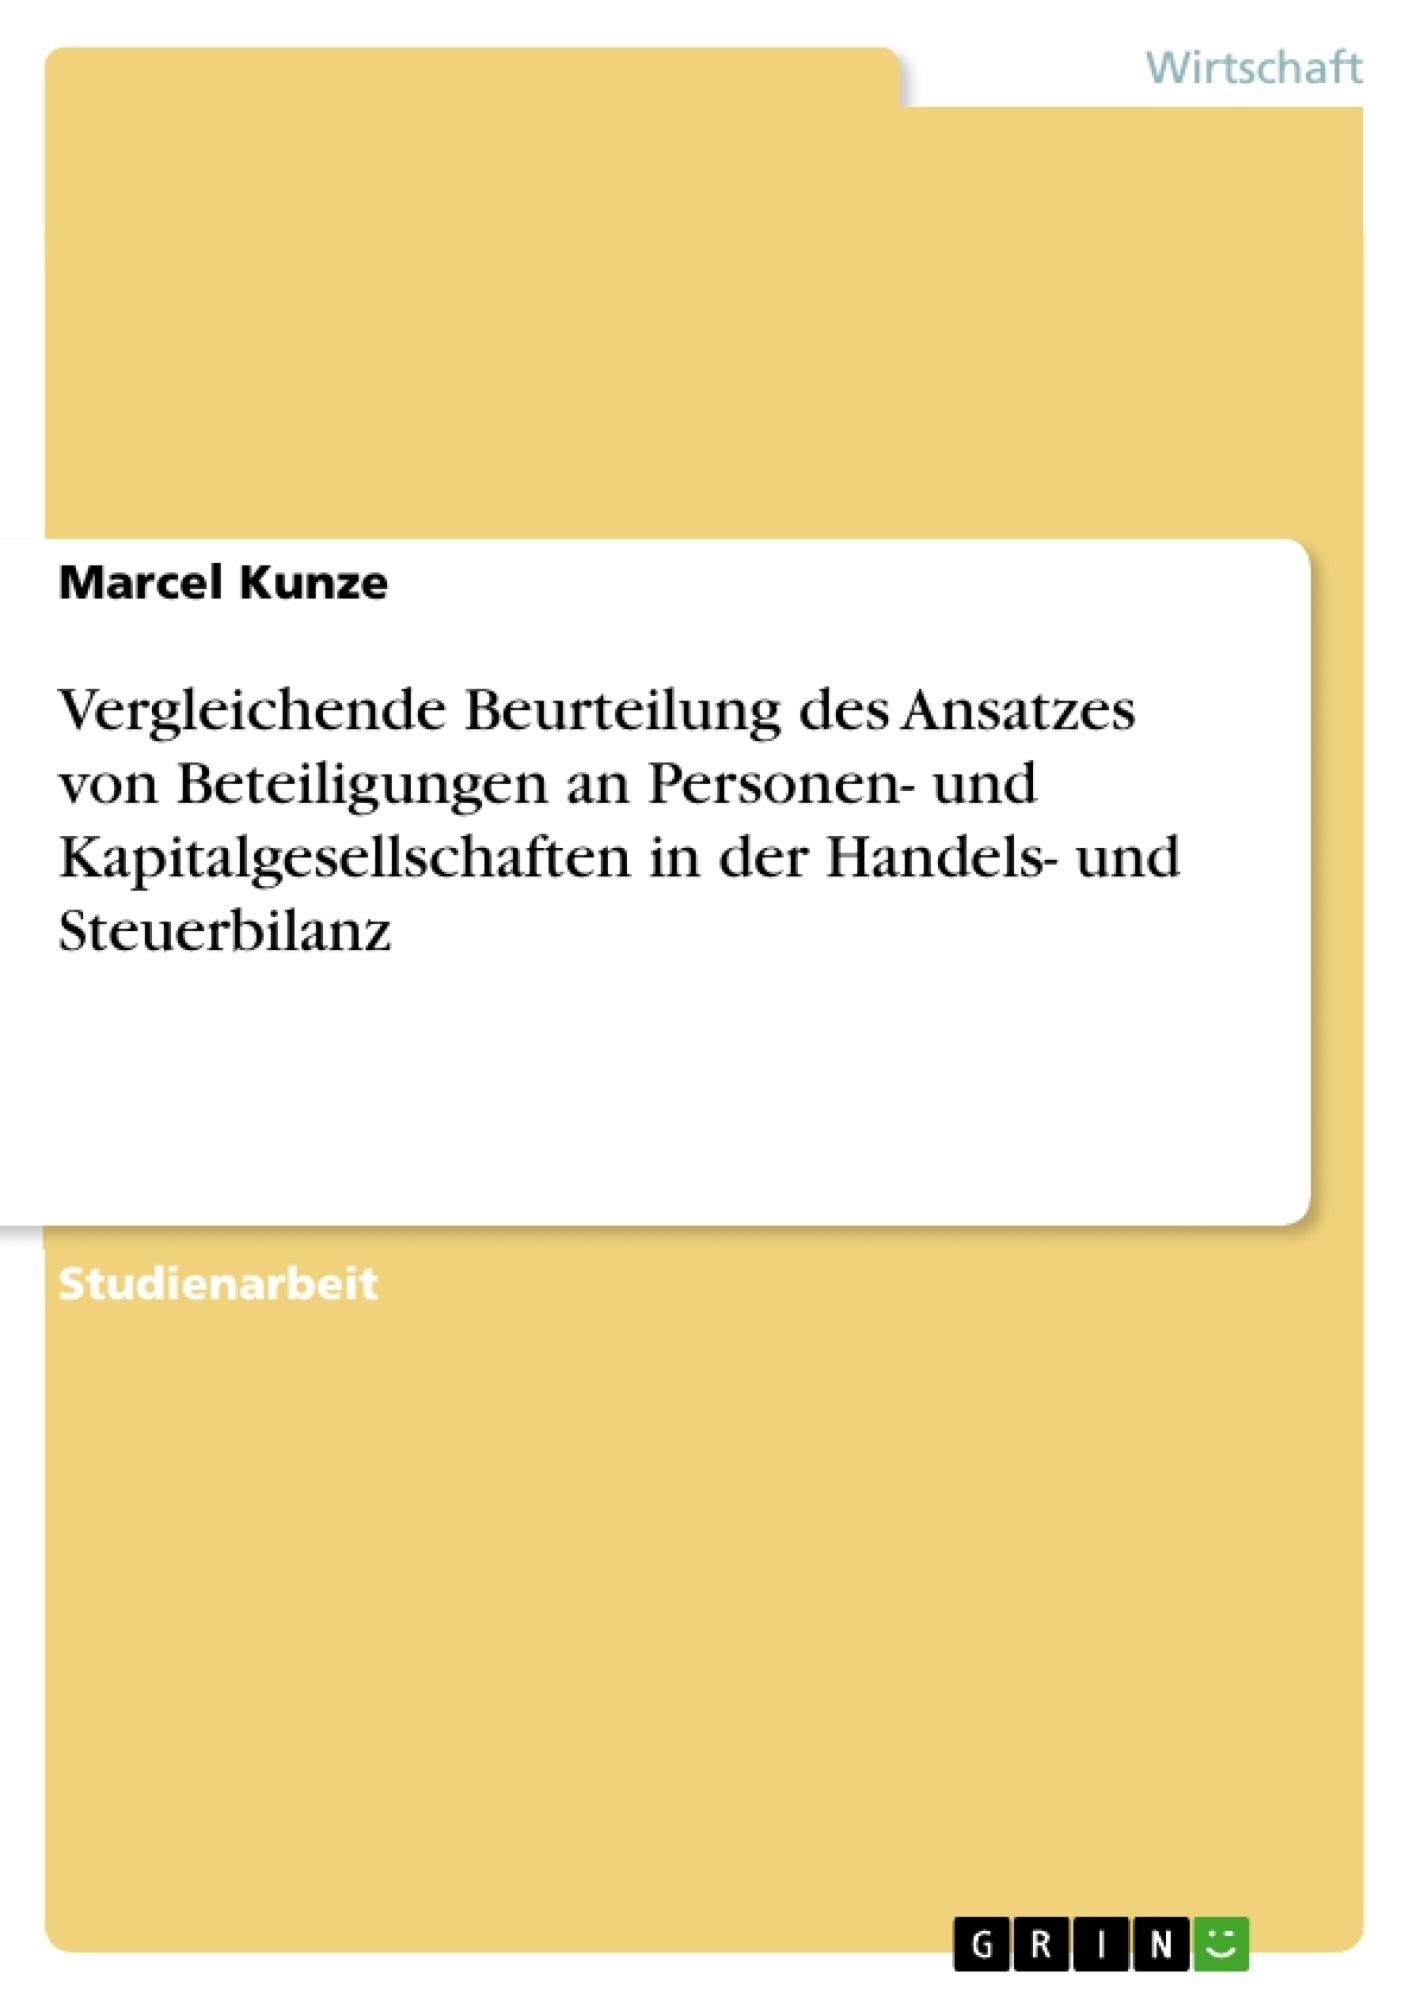 Titel: Vergleichende Beurteilung des Ansatzes von Beteiligungen an Personen- und Kapitalgesellschaften in der Handels- und Steuerbilanz